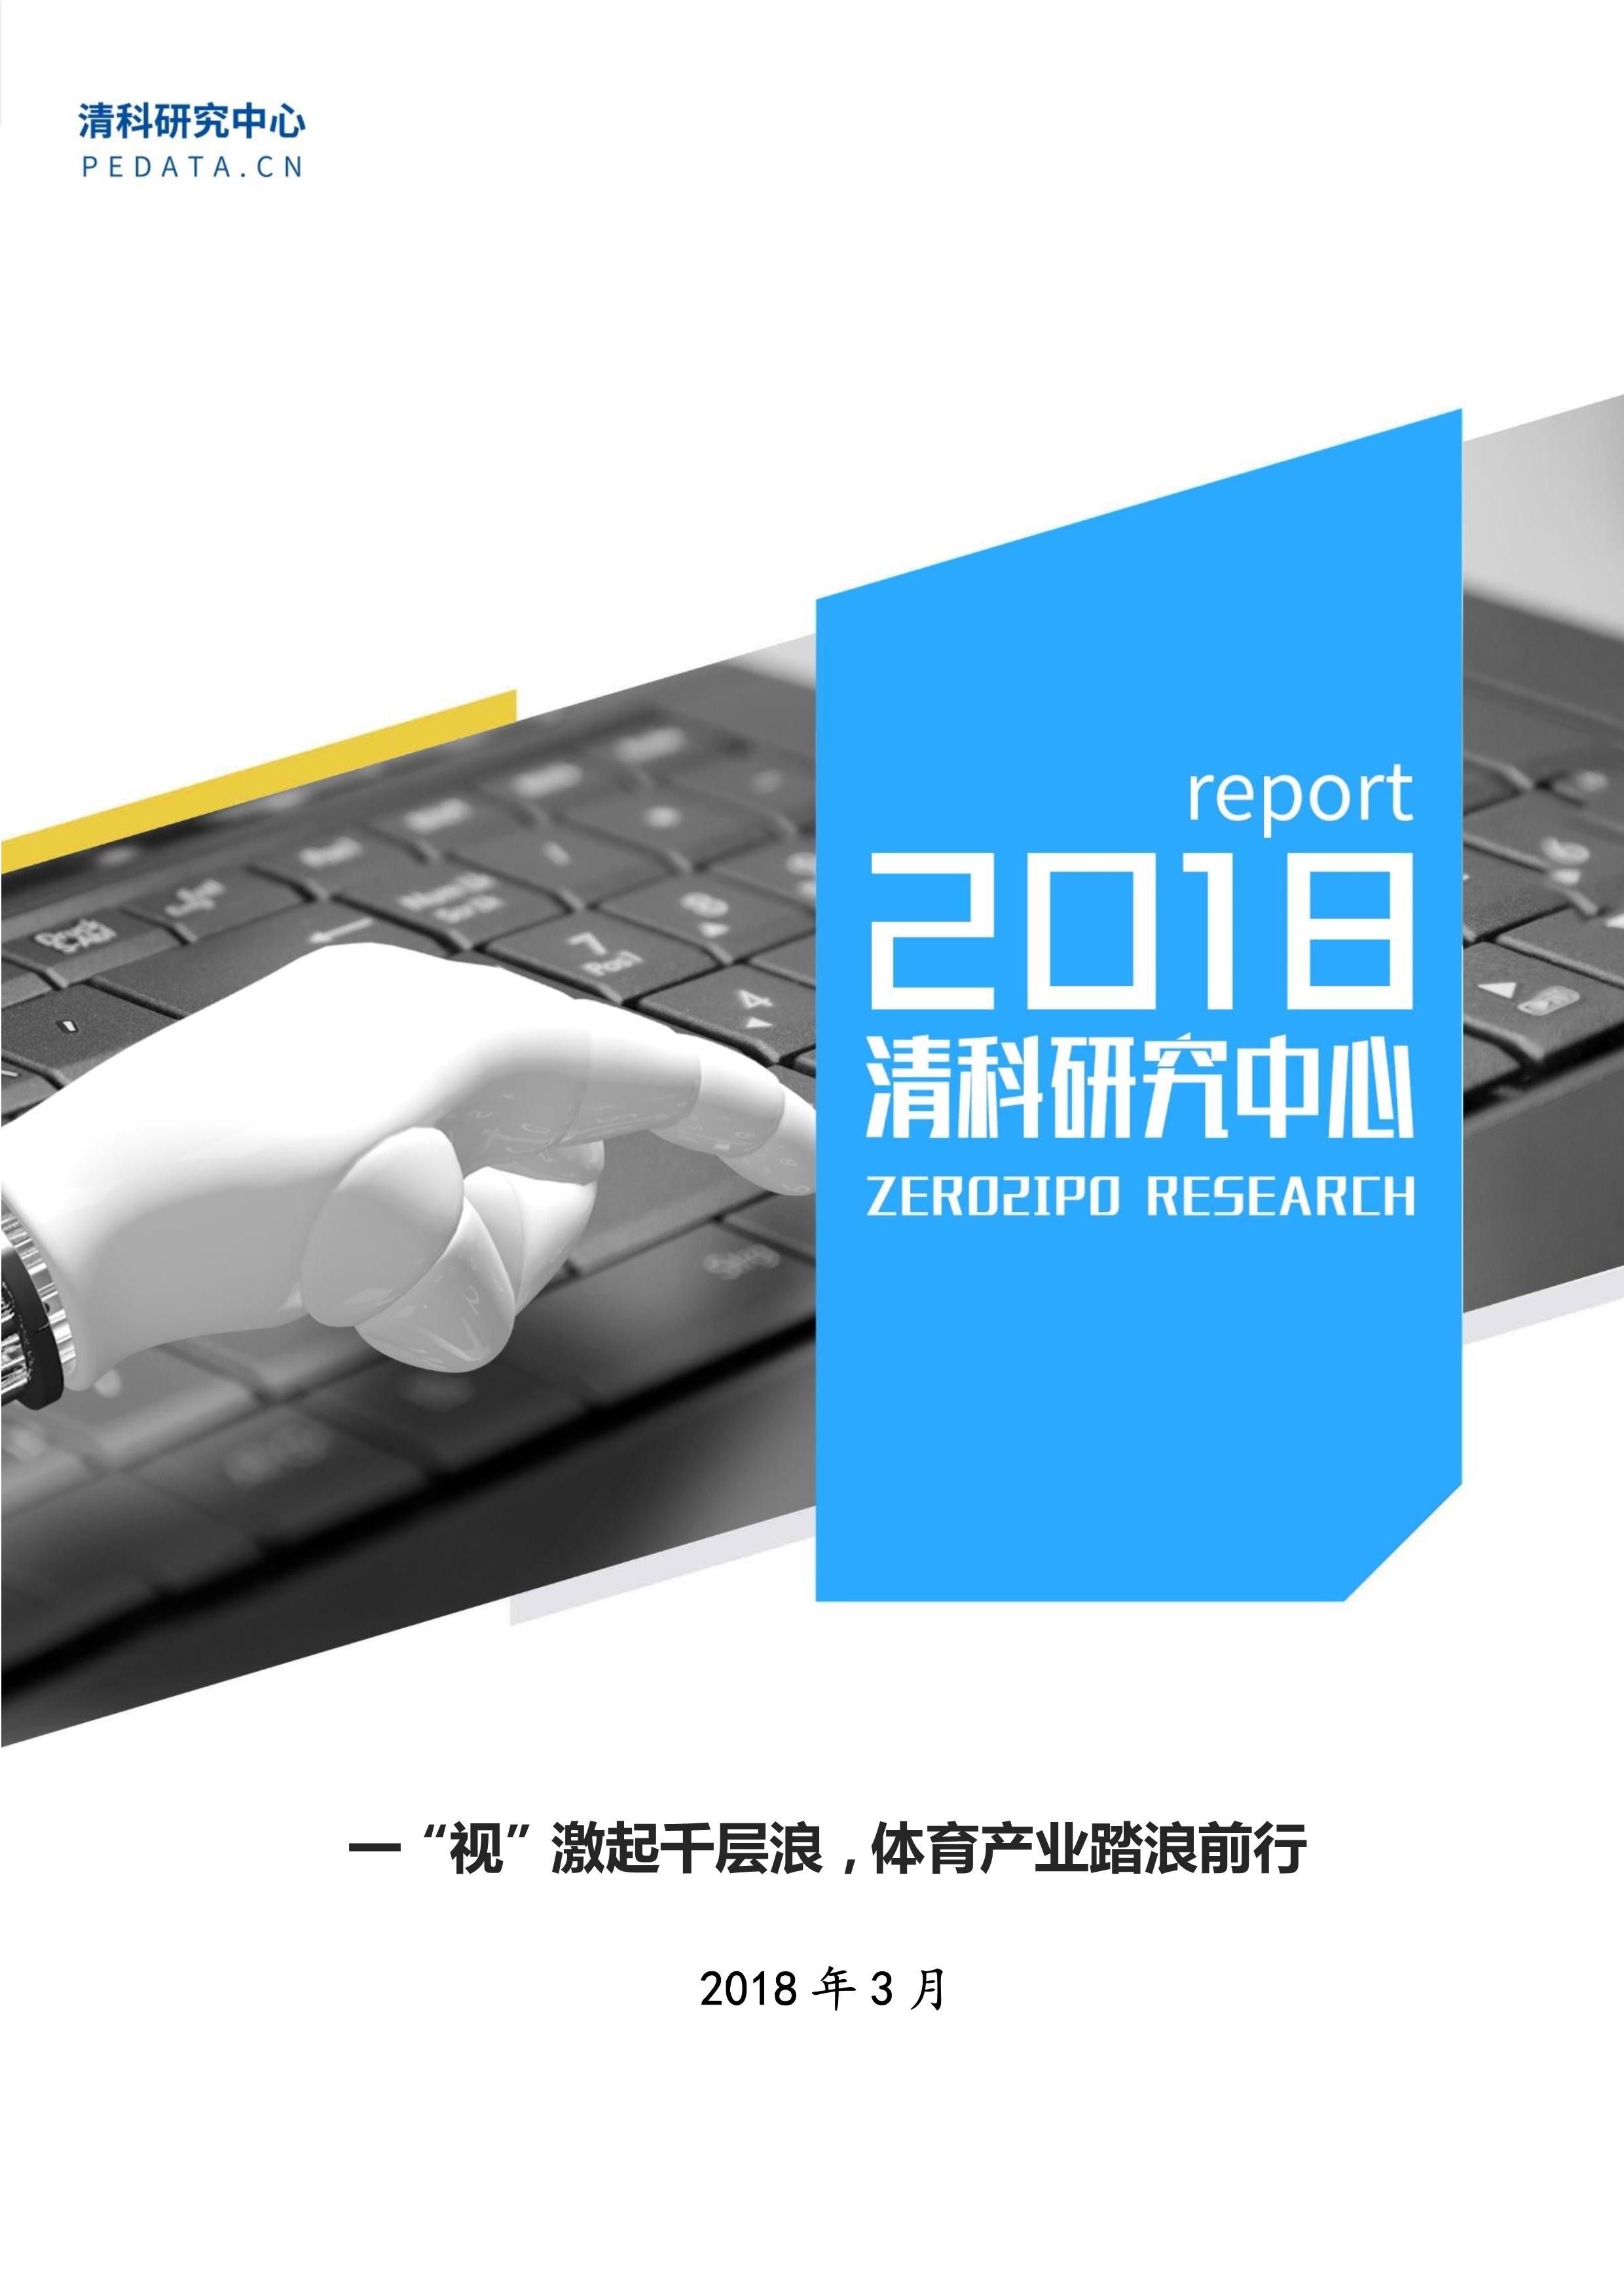 清科研究中心:2018年3月体育产业研究(附下载)